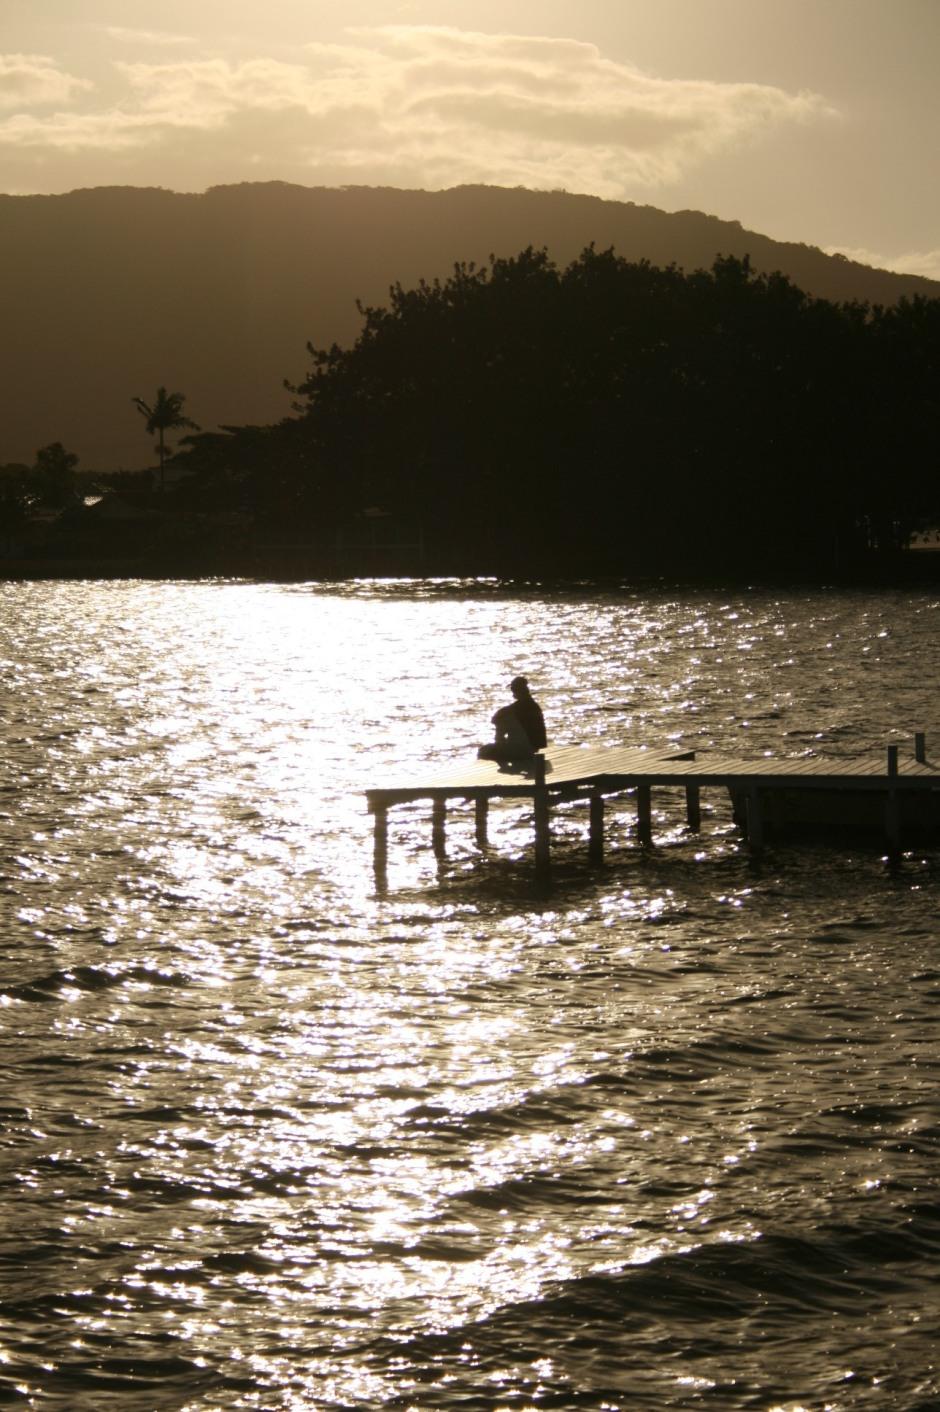 Lagoa_da_conceição_2007_sarah_santos